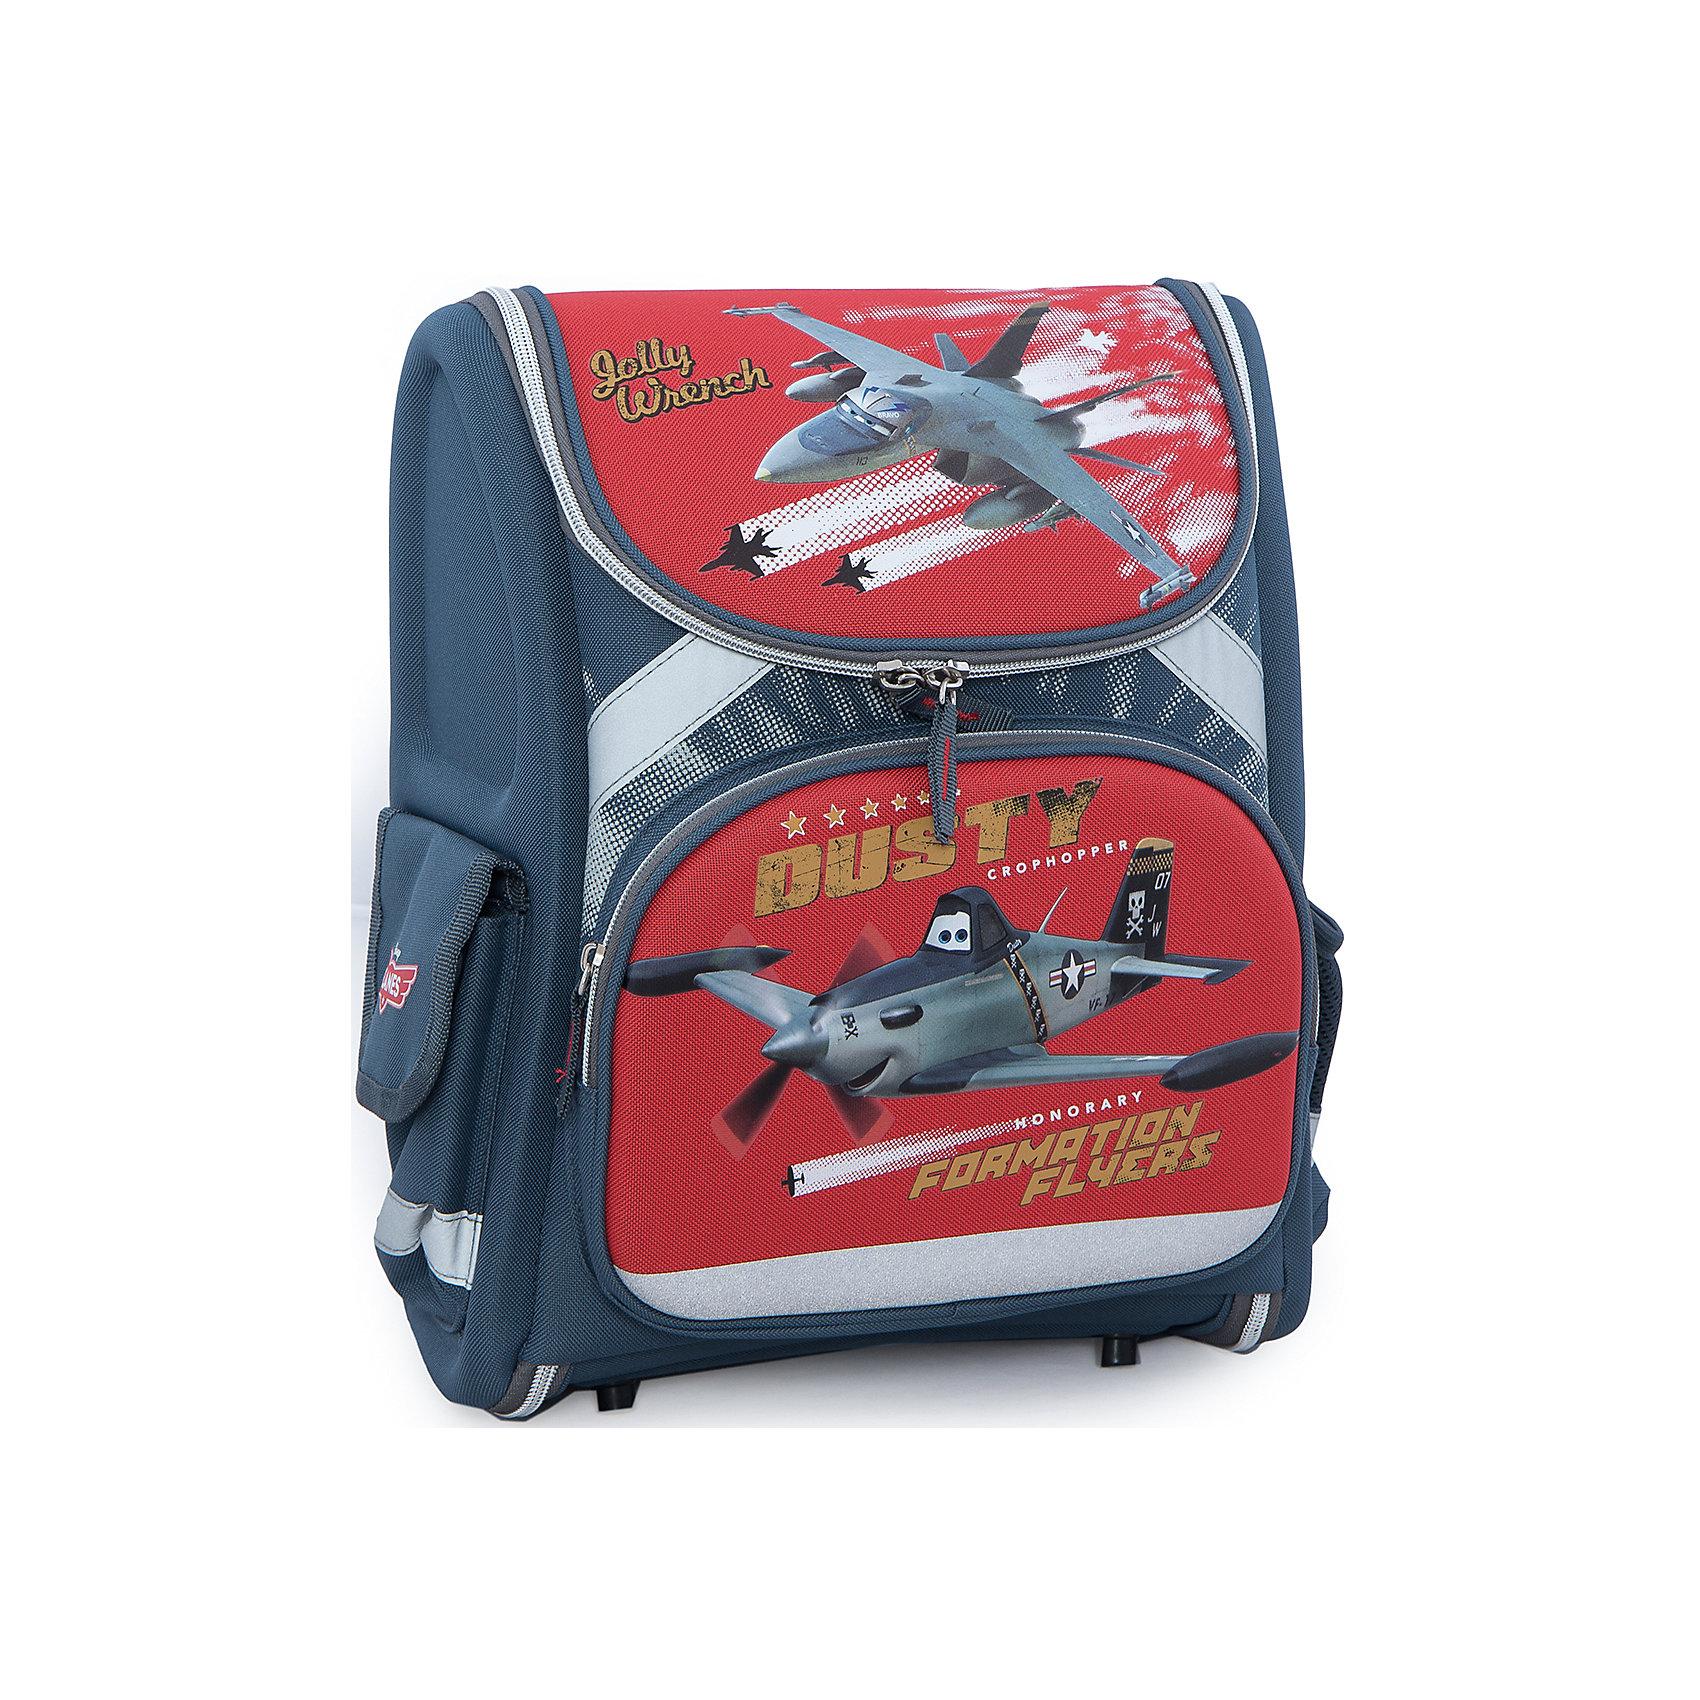 Эргономичный рюкзак-трансформер с EVA-спинкой, СамолетыРюкзак-трансформер, эргономичный с EVA-спинкой, Самолеты - это максимально удобный и функциональный по своим характеристикам рюкзак.<br>Полностью раскладной рюкзак-трансформер, эргономичный с EVA-спинкой обязательно понравится фанату анимационного фильма Planes (Самолеты). Небольшие размеры делают этот рюкзак наиболее подходящим для младших школьников. Для переноски, рюкзак оборудован двумя широкими регулируемыми лямками и ручкой сверху. Спинка выполнена из жесткого материала с ортопедическими элементами в виде единой панели, переходящей в жесткое дно с пластиковыми ножками. Благодаря использованию современного материала EVA, позвоночник ребенка не будет испытывать больших нагрузок во время эксплуатации рюкзака. Кроме того, уплотненные боковинки и дно - это средства, помогающие распределить вес всего рюкзака и сохранить его форму. Отличительные особенности рюкзака-трансформера: форма поролоновых вставок была специально разработана для обеспечения максимального комфорта и распределения веса. Усиливающая вставка в спинке рюкзака повторяет контур позвоночника, сохраняя правильную осанку ребенка. Многослойный поролон, покрытый сеткой, обеспечивает максимальную функциональность и комфорт в использовании. У рюкзака одно большое отделение на молнии, передней карман на молнии и два боковых кармана. Основное отделение разделено двумя вставками, там же есть крепления для канцелярских принадлежностей и небольшой сетчатый карман. Светоотражающие элементы делают рюкзак и его маленького хозяина заметными в свете автомобильных фар, и ребенок может без опаски переходить дорогу в темное время суток.<br><br>Дополнительная информация:<br><br>- Материал: полиэстер<br>-Размер: 35х31х14 см.<br>- Вес: 831 гр.<br><br>Рюкзак-трансформер, эргономичный с EVA-спинкой, Самолеты можно купить в нашем интернет-магазине.<br><br>Ширина мм: 350<br>Глубина мм: 310<br>Высота мм: 140<br>Вес г: 831<br>Возраст от месяцев: 48<br>Возраст до месяцев: 84<